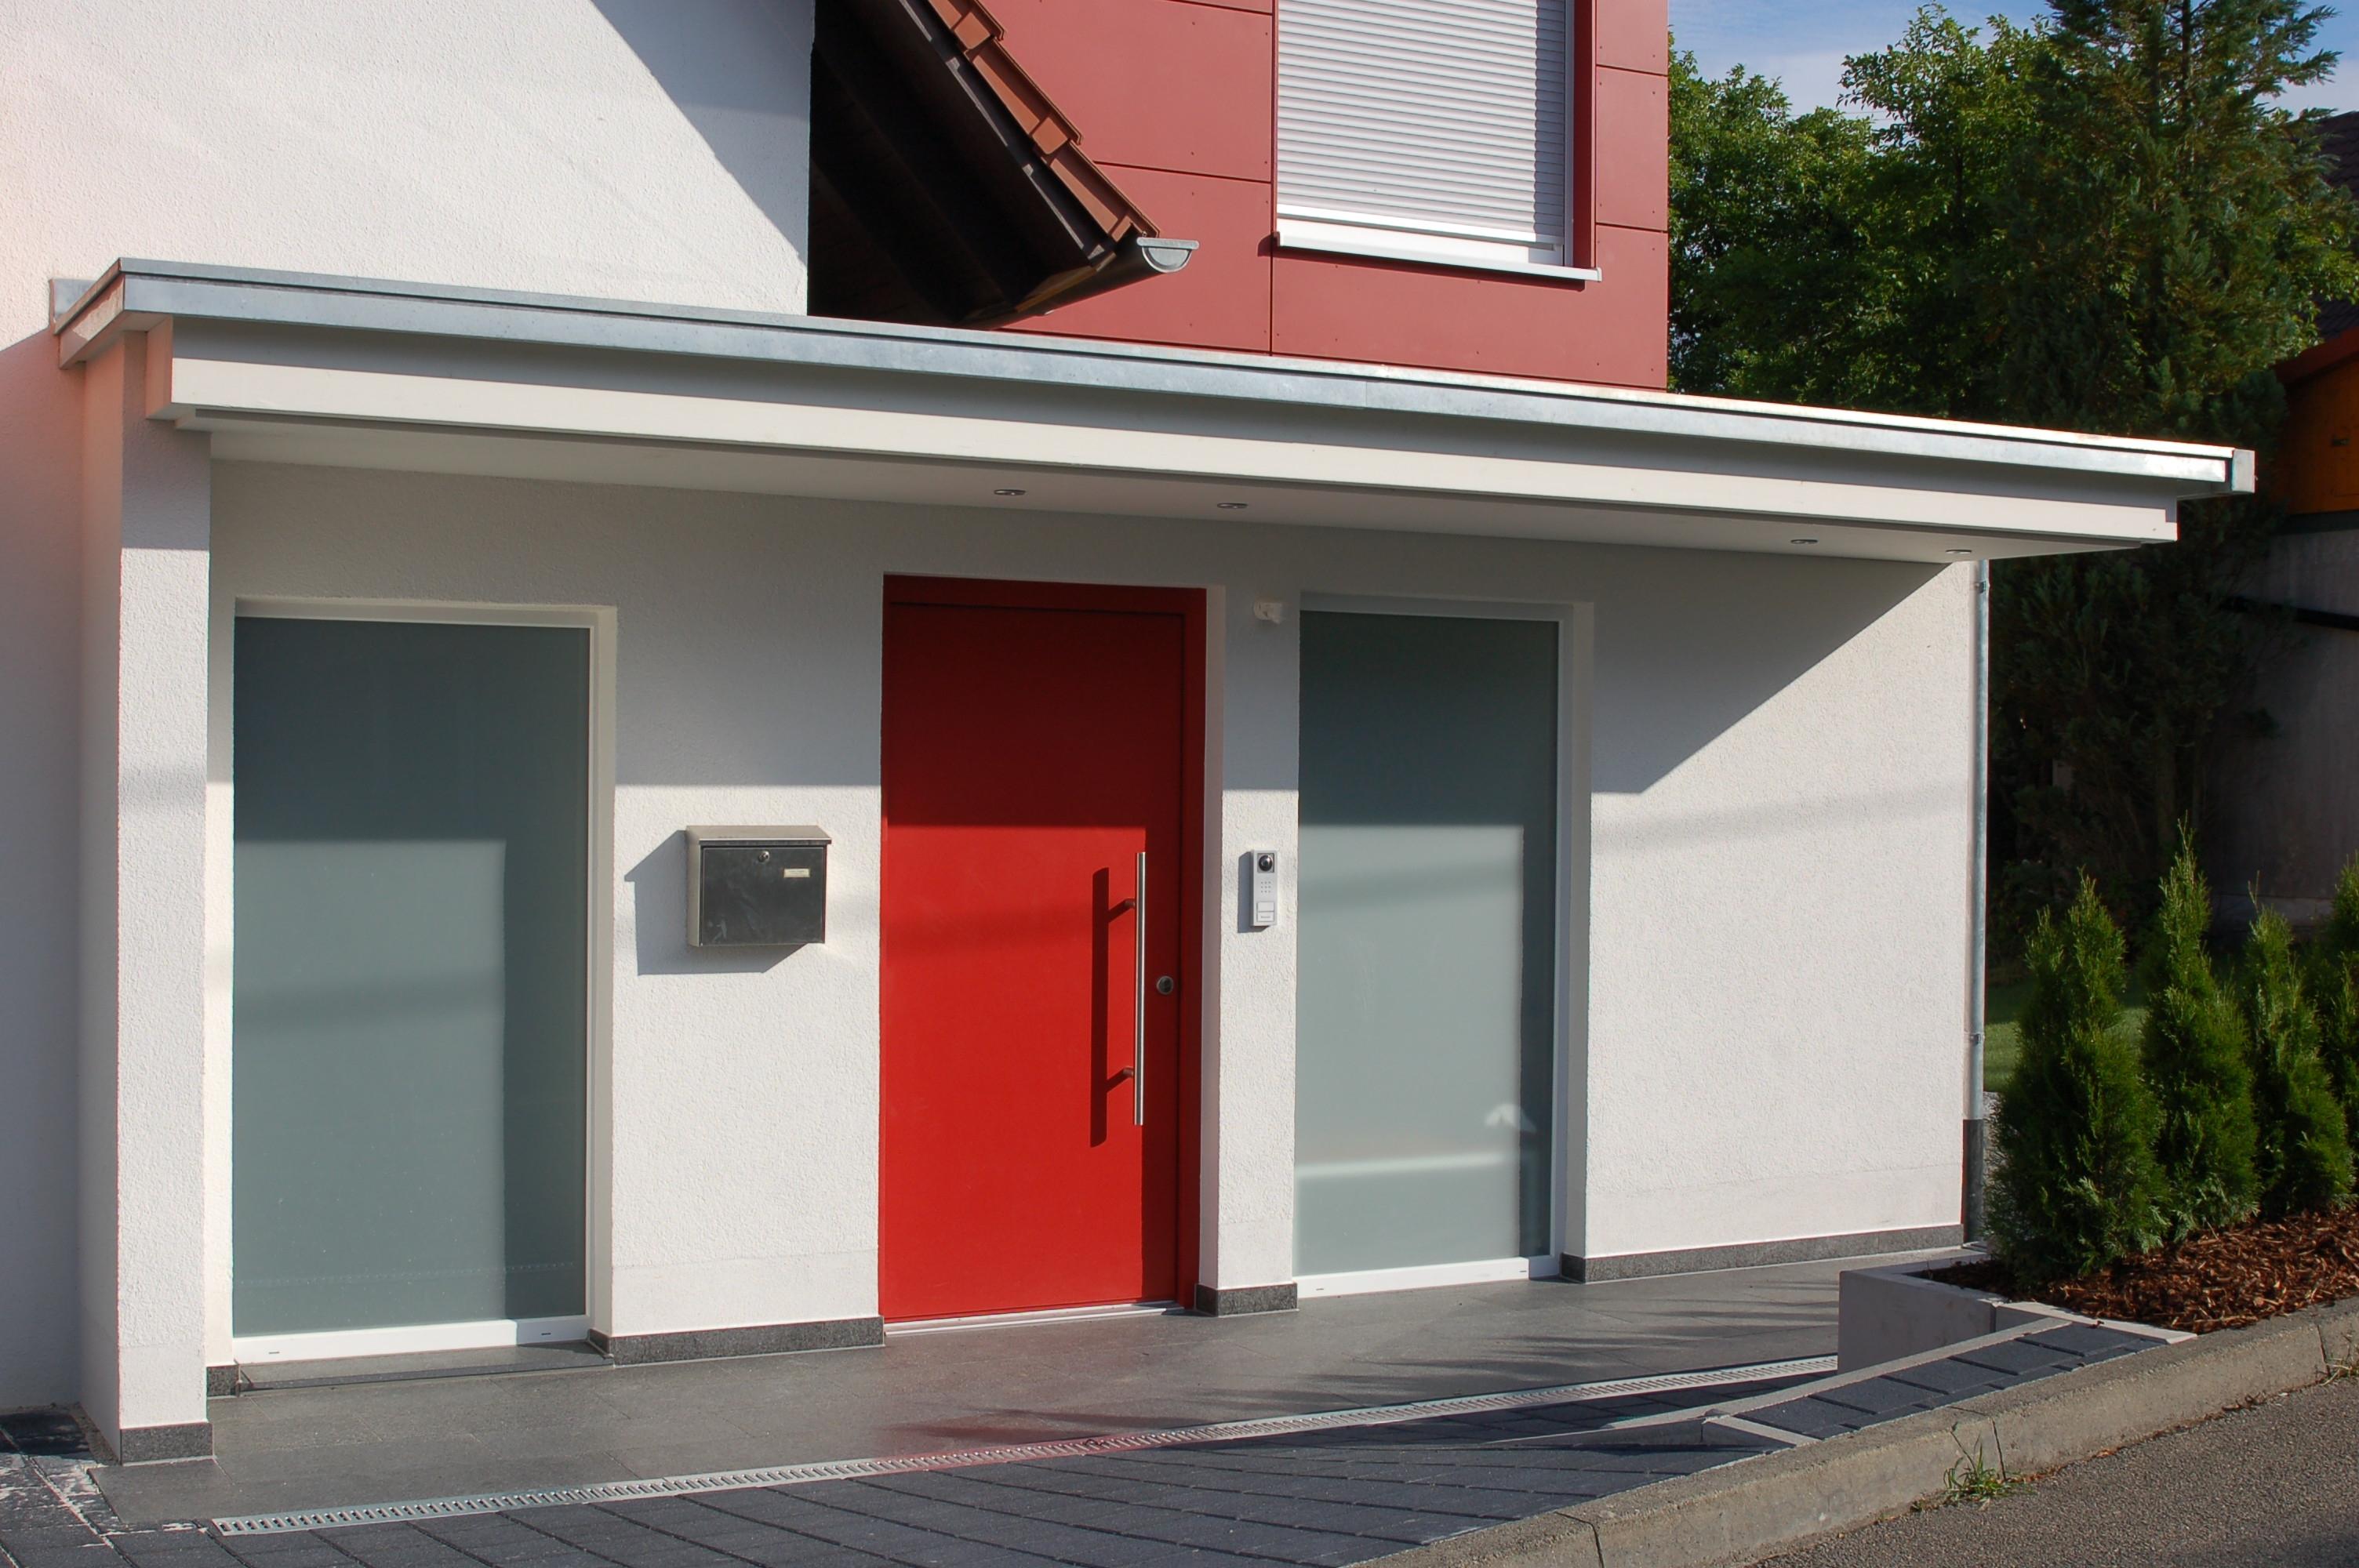 kostenloser energie check bei holzbau hauser gmbh co kg 78549 spaichingen haus sanieren. Black Bedroom Furniture Sets. Home Design Ideas